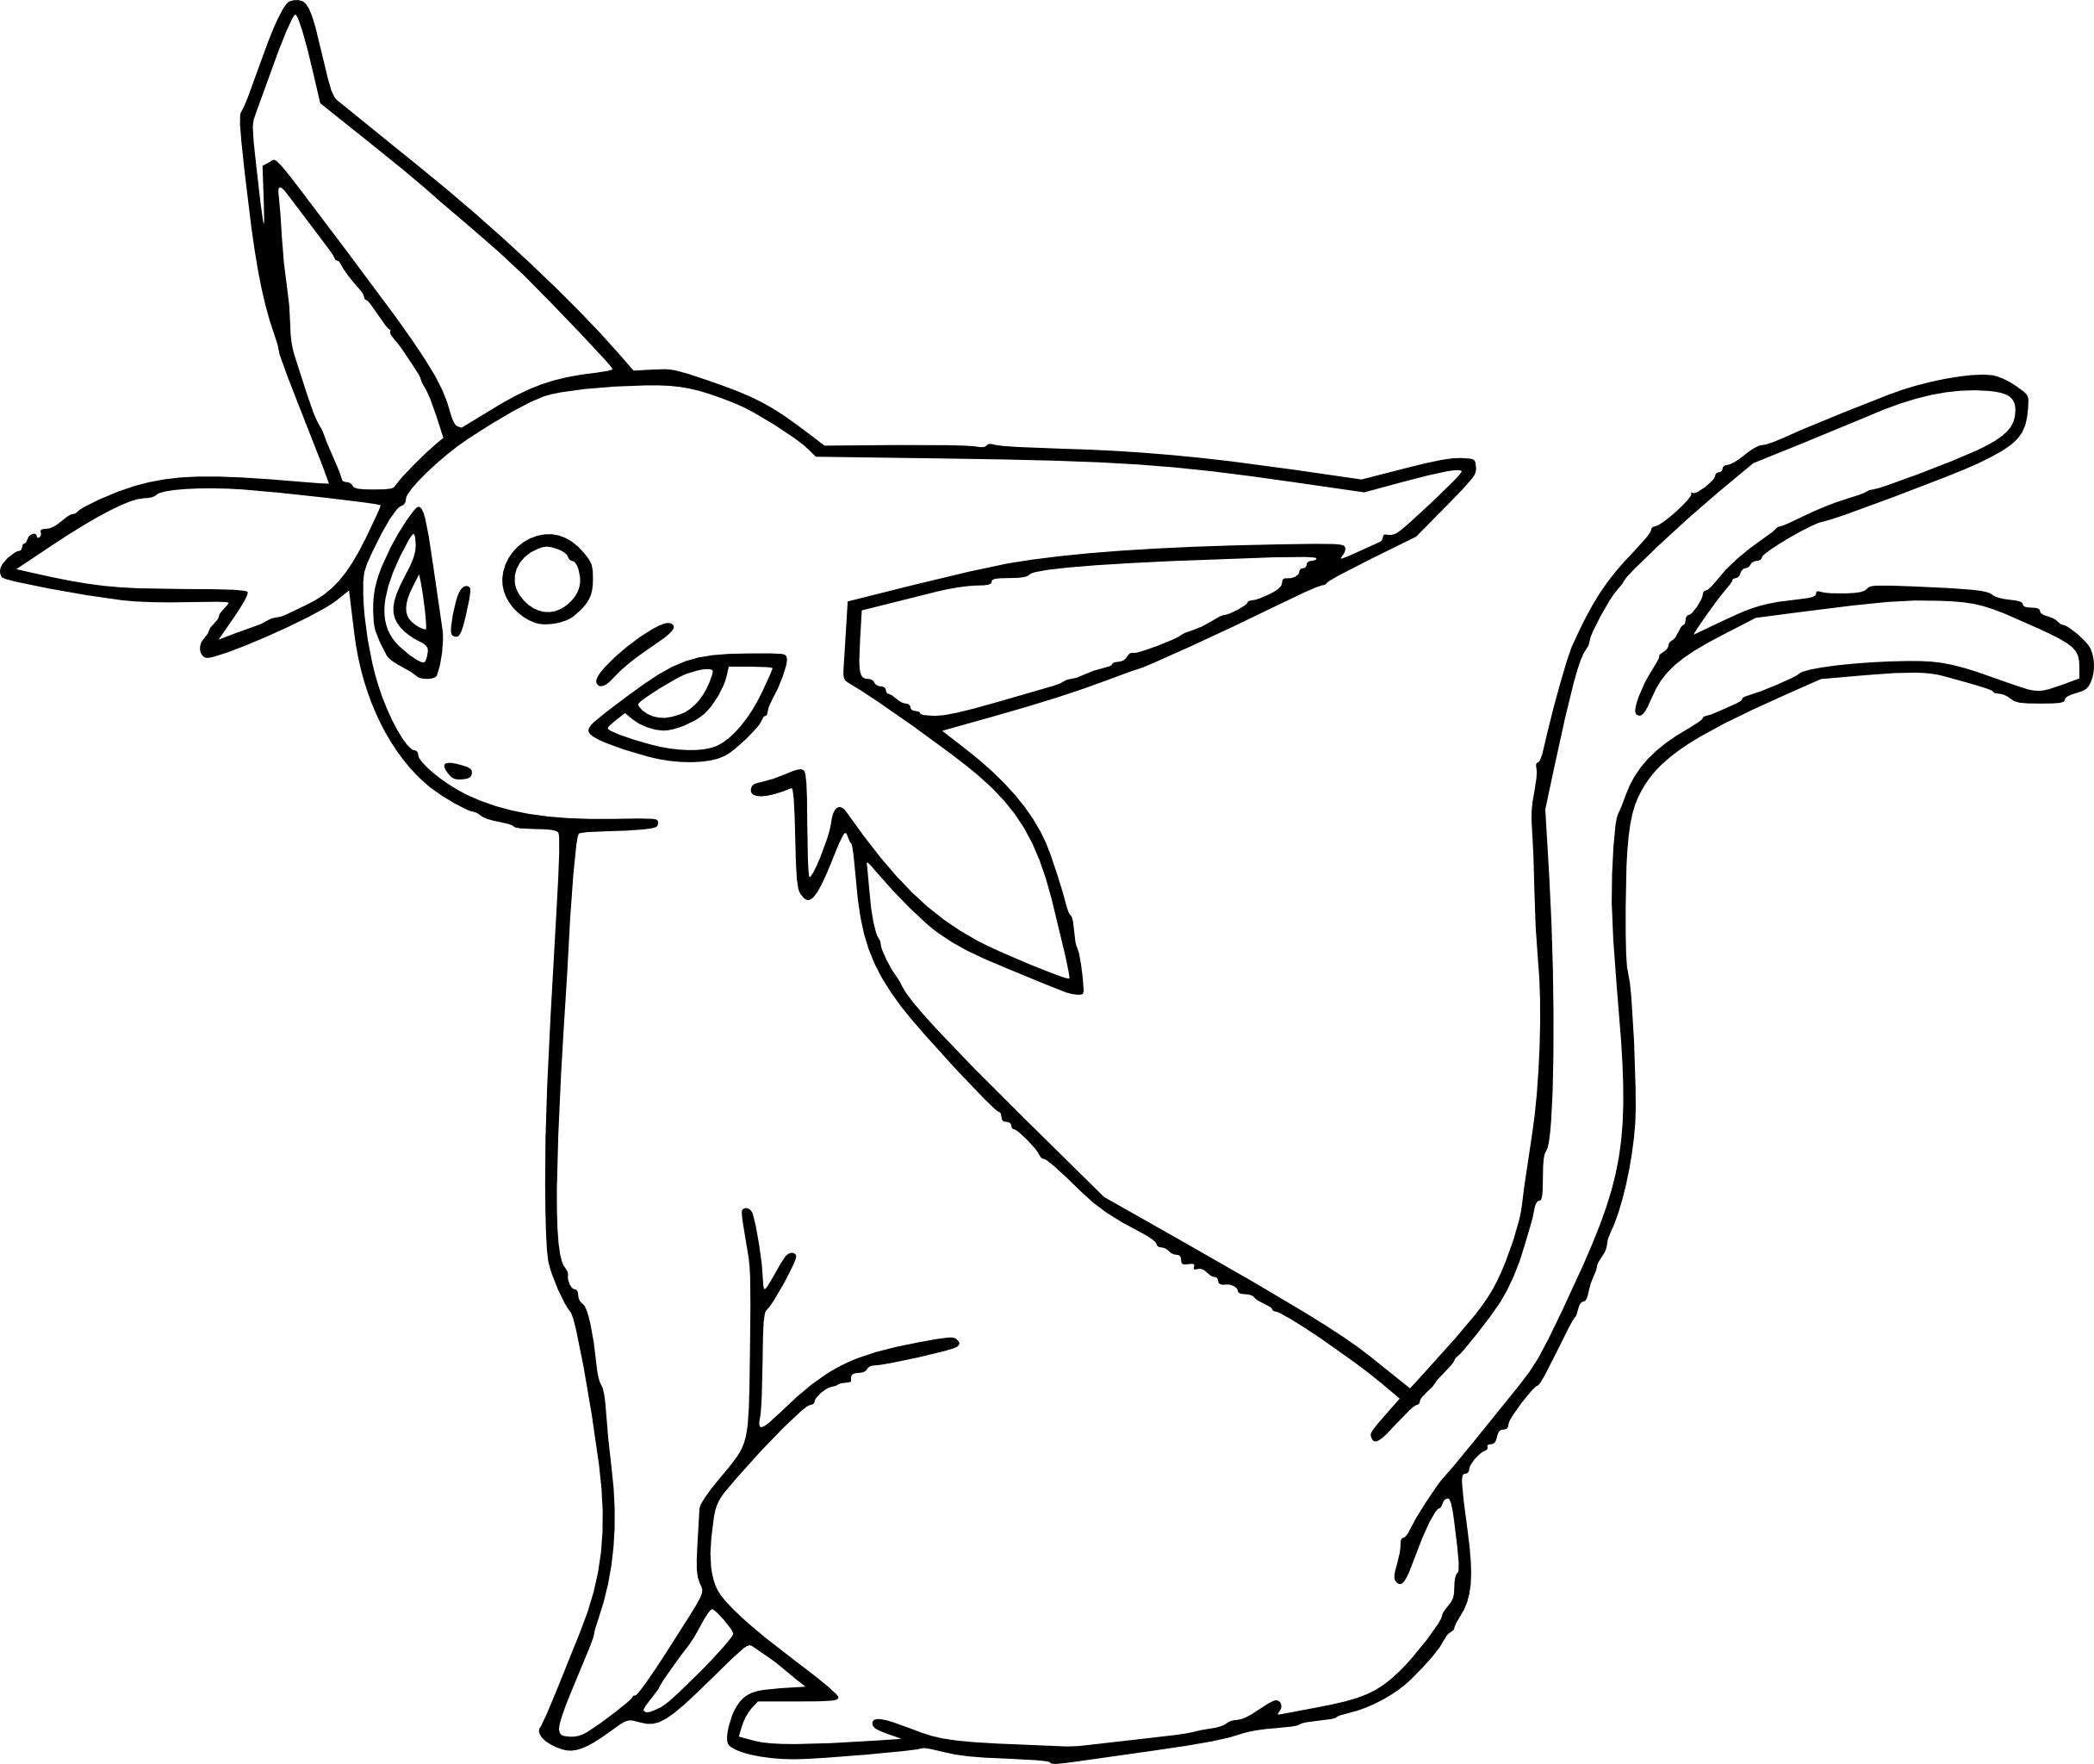 Unique dessin a imprimer pokemon pyroli - Coloriage pokemon imprimer ...